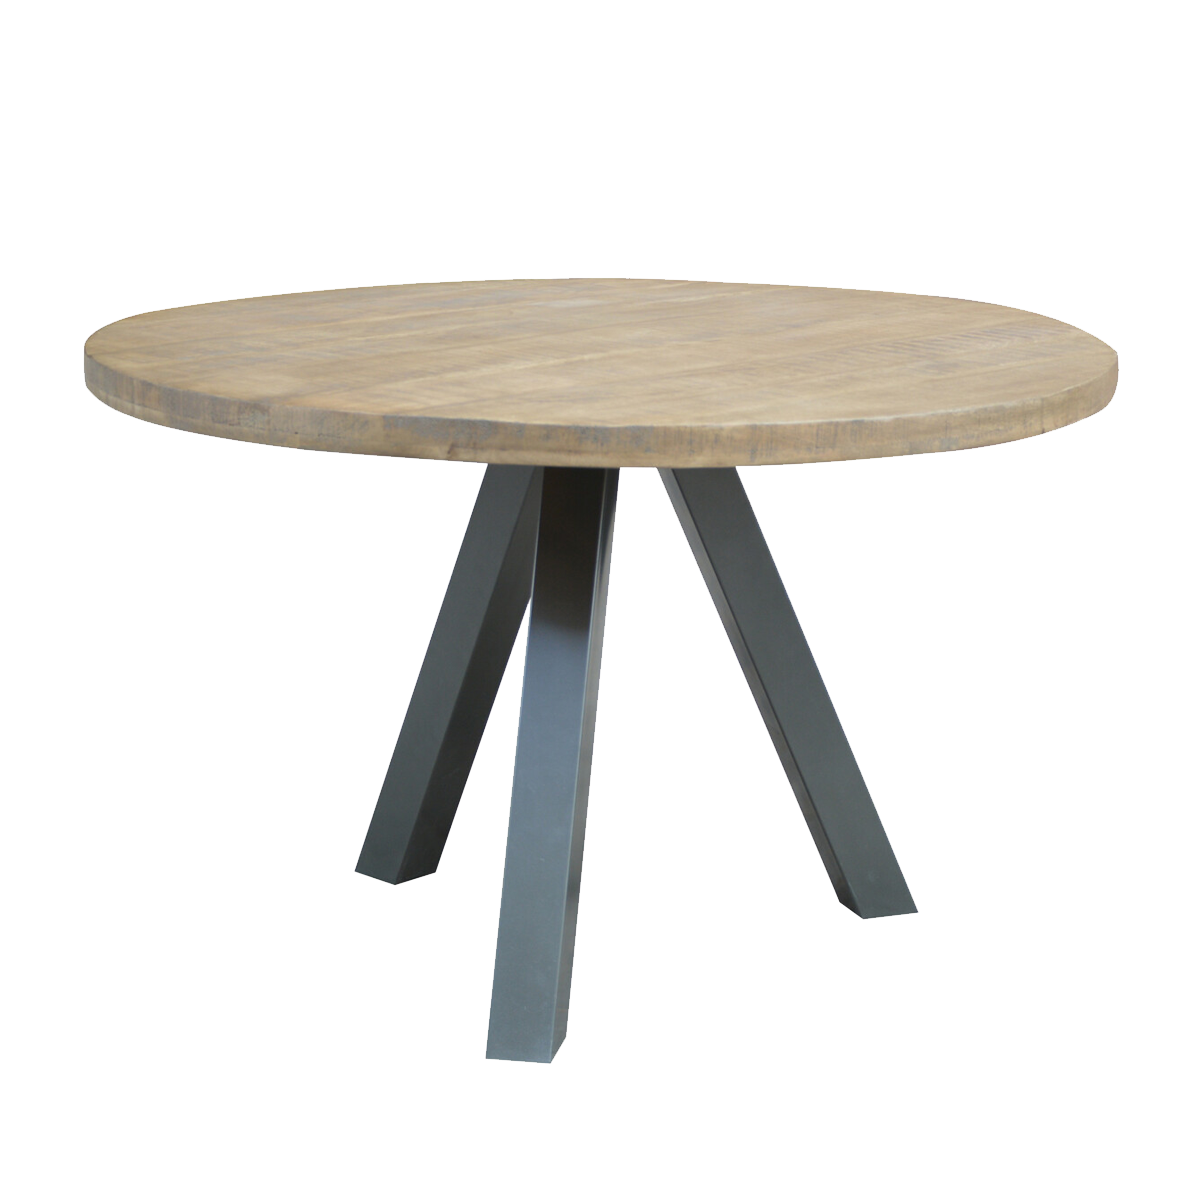 Full Size of Esstisch Rund Tisch 120x120 Cm Platte Mangoholz Beine Metall Antiksilber Weiß Ausziehbar Massivholz Holz Massiv Industrial Oval Kleiner Esstische Lampe Runder Esstische Esstisch Rund